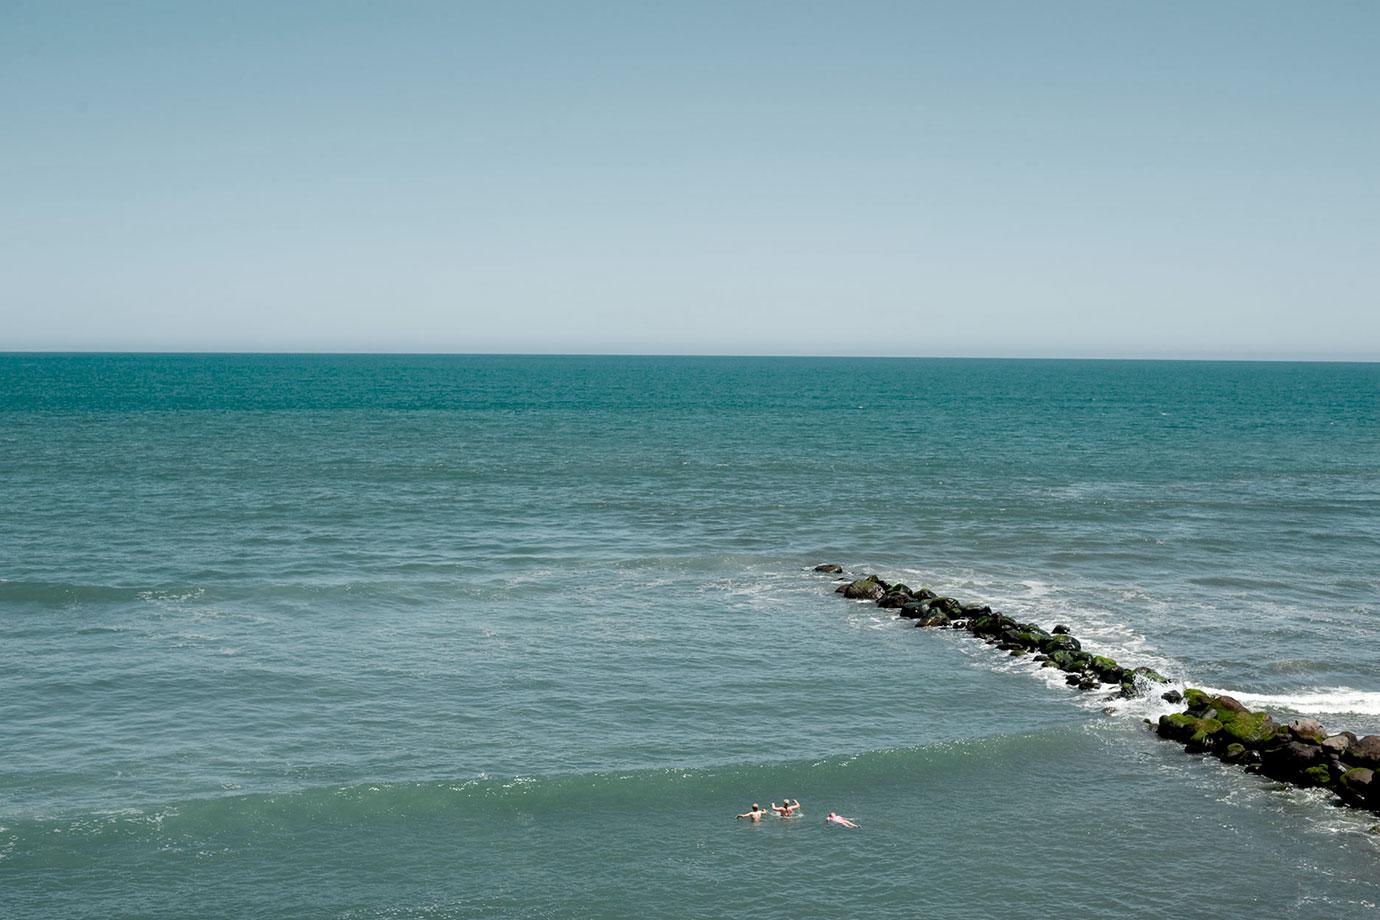 Ohawe,-Swimmers,-2010,-Bruce-Fostyer_DSC5949-col.jpg